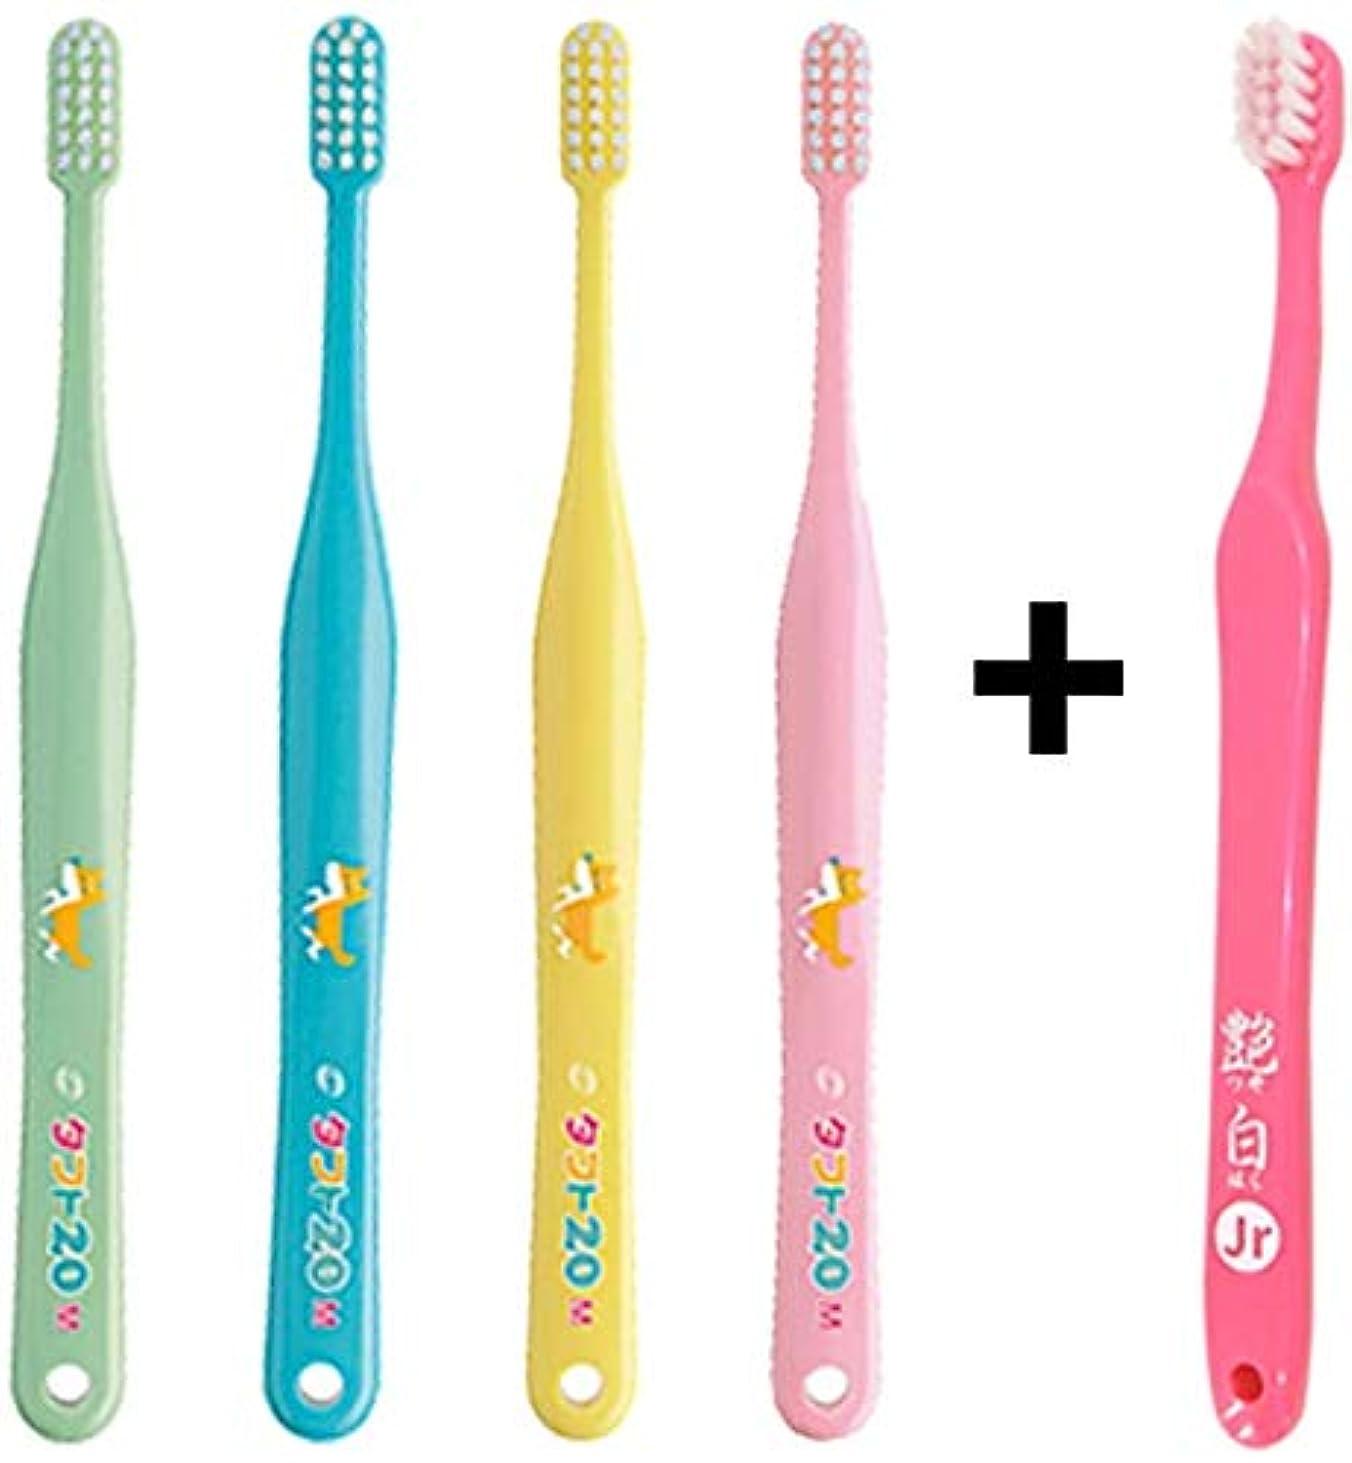 静けさ知覚的気をつけてタフト20 M(ふつう) こども 歯ブラシ×10本 + 艶白(つやはく) Jr ジュニア ハブラシ×1本 MS(やややわらかめ) 日本製 歯科専売品